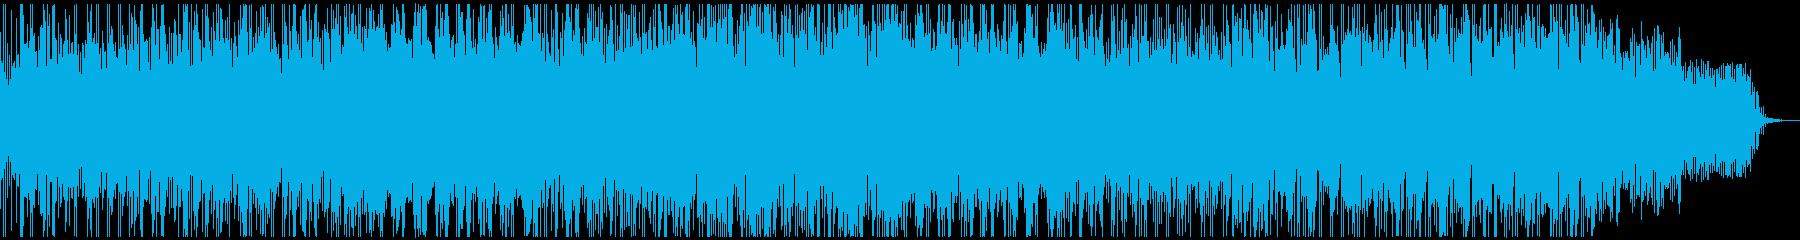 明るくハッピーな可愛い雰囲気シンセポップの再生済みの波形